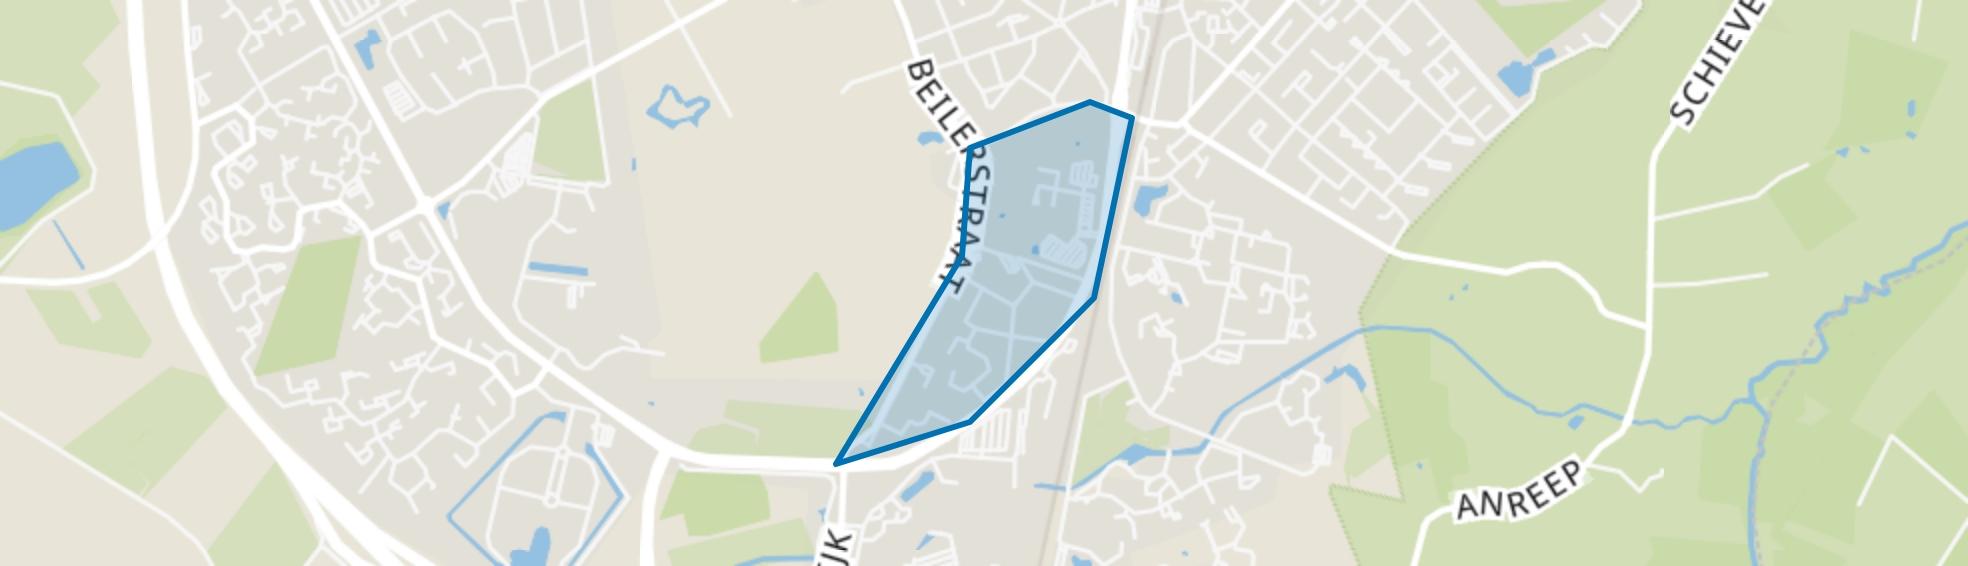 Zuiderpark, Assen map